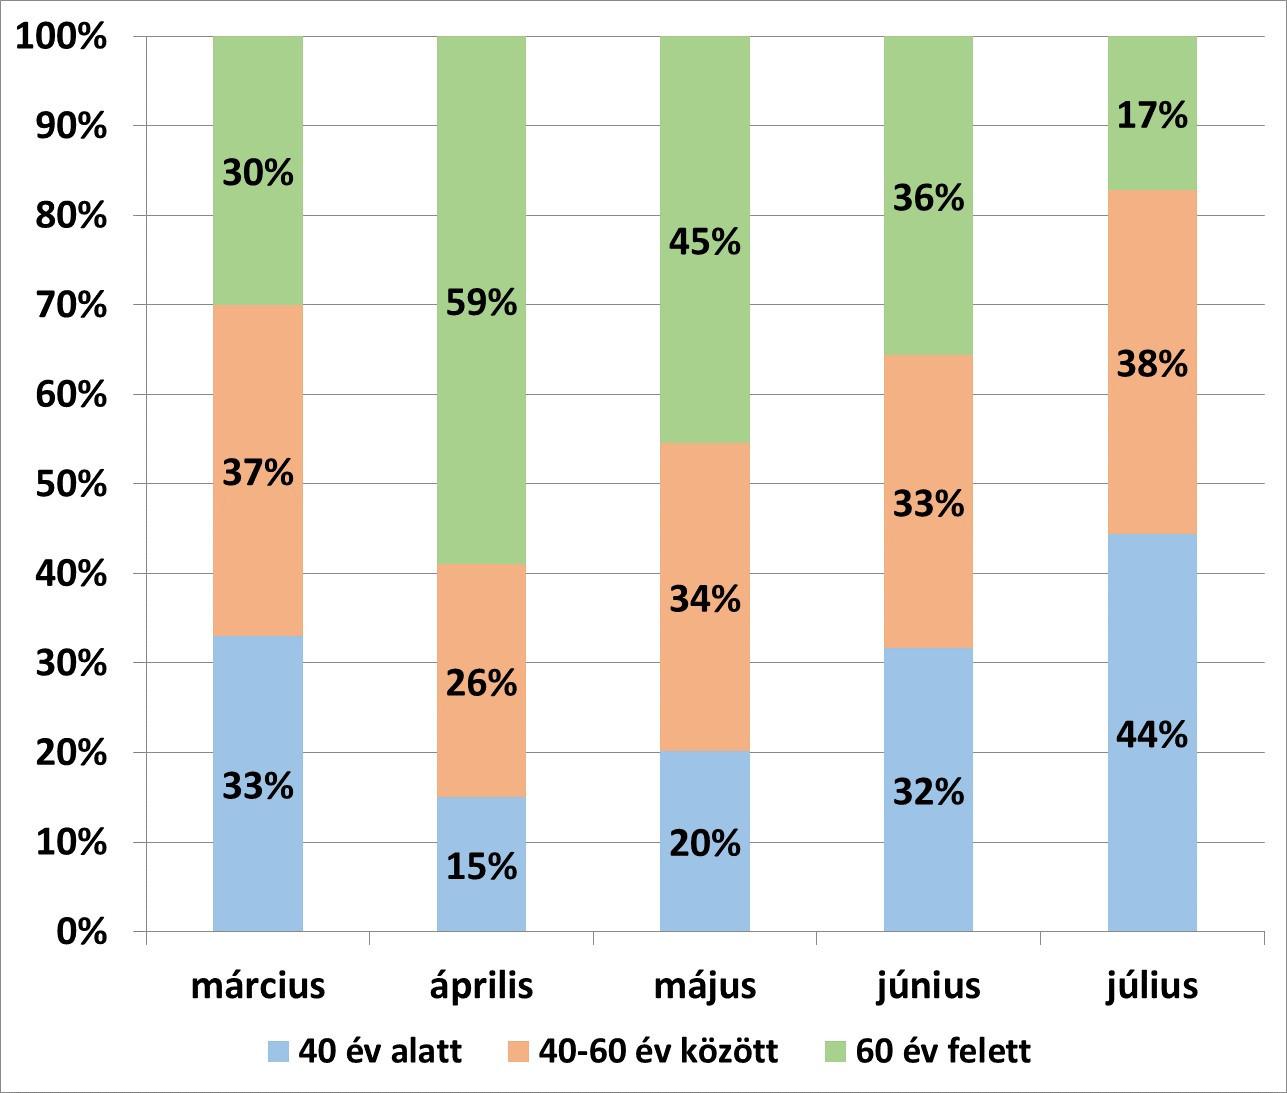 Júliusban a Magyarországon regisztrált fertőzöttek 44 százaléka a 40 év alatti korosztályból került ki